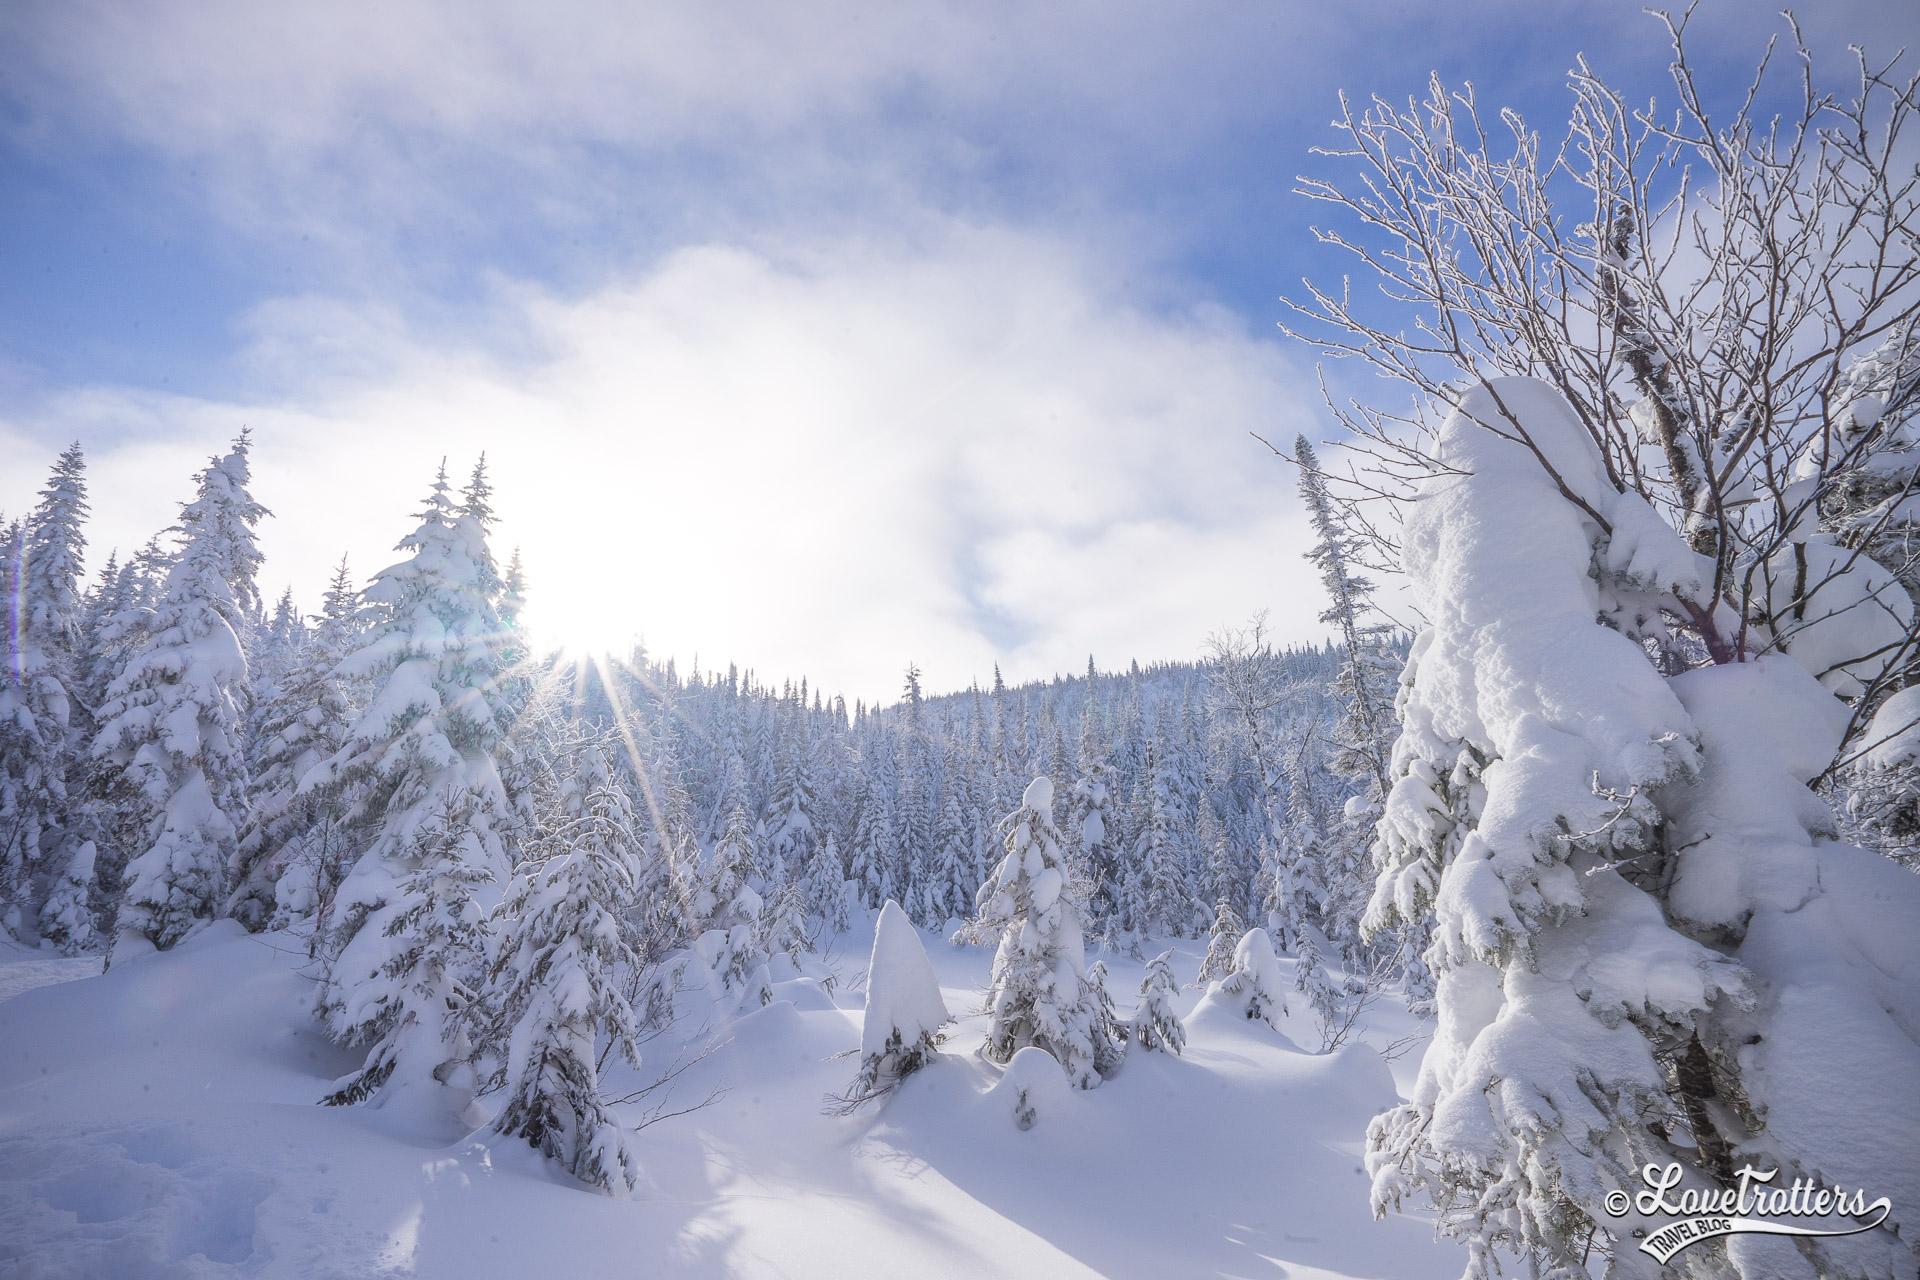 Voyage en amoureux hiver au québec